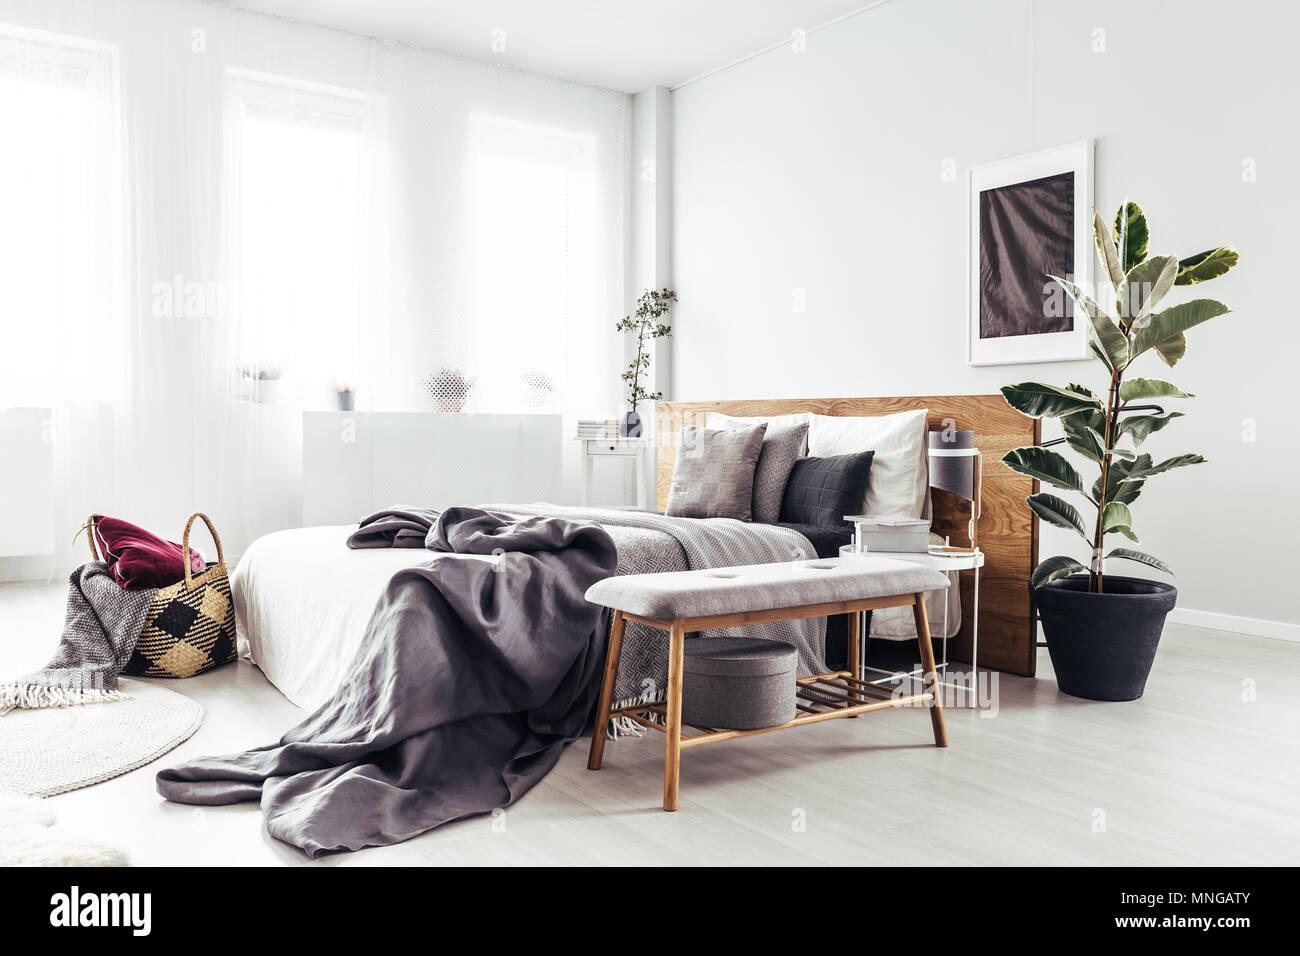 Holzbank und Anlage neben dem Bett mit grau Bettwäsche in hellen Schlafzimmer Innenbereich mit schwarzem Poster an der Wand Stockbild